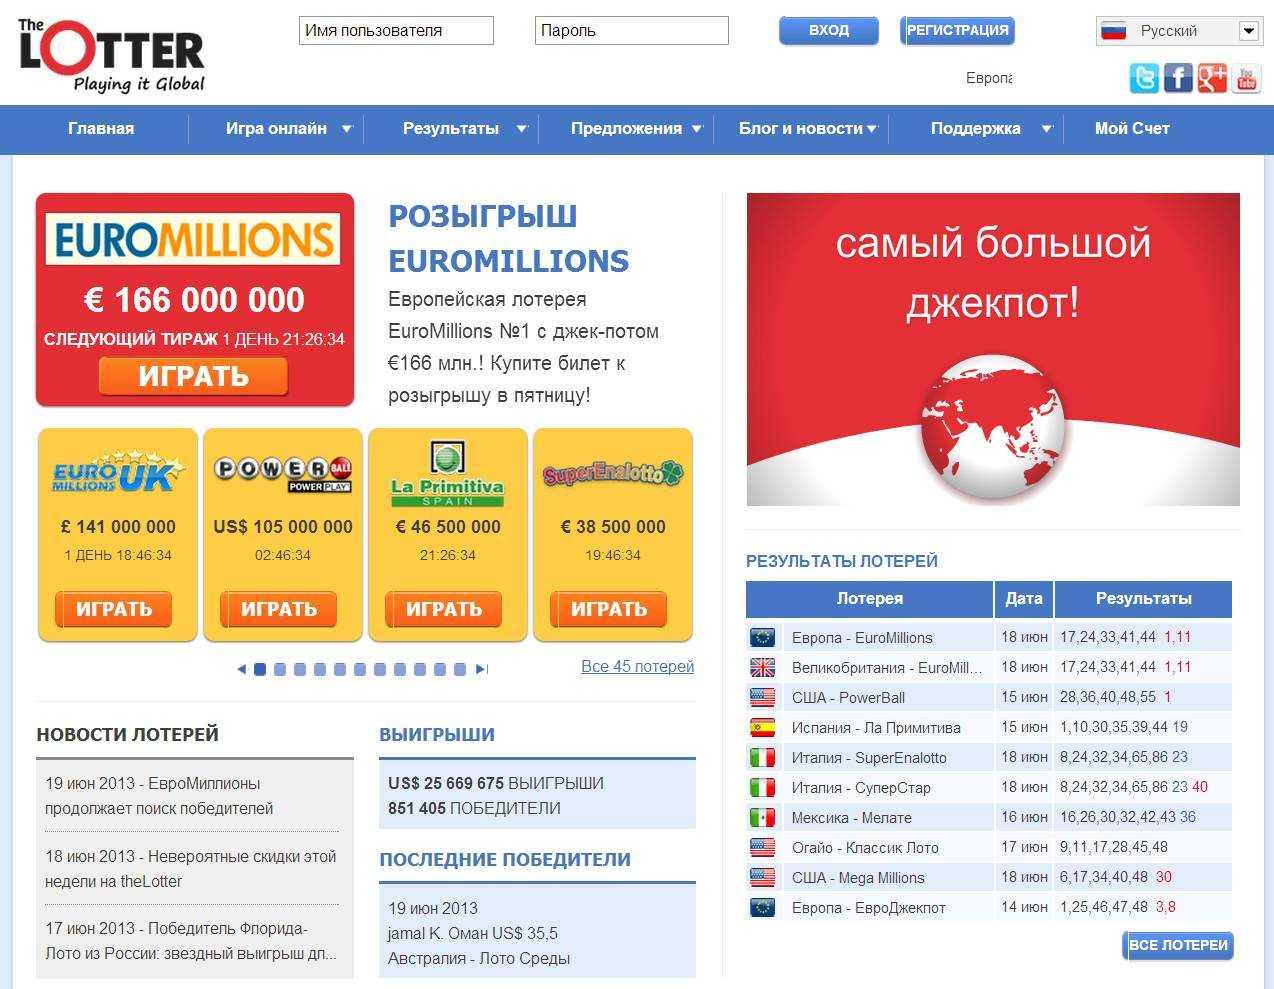 يانصيب Eurojackpot - كيفية اللعب من روسيا?